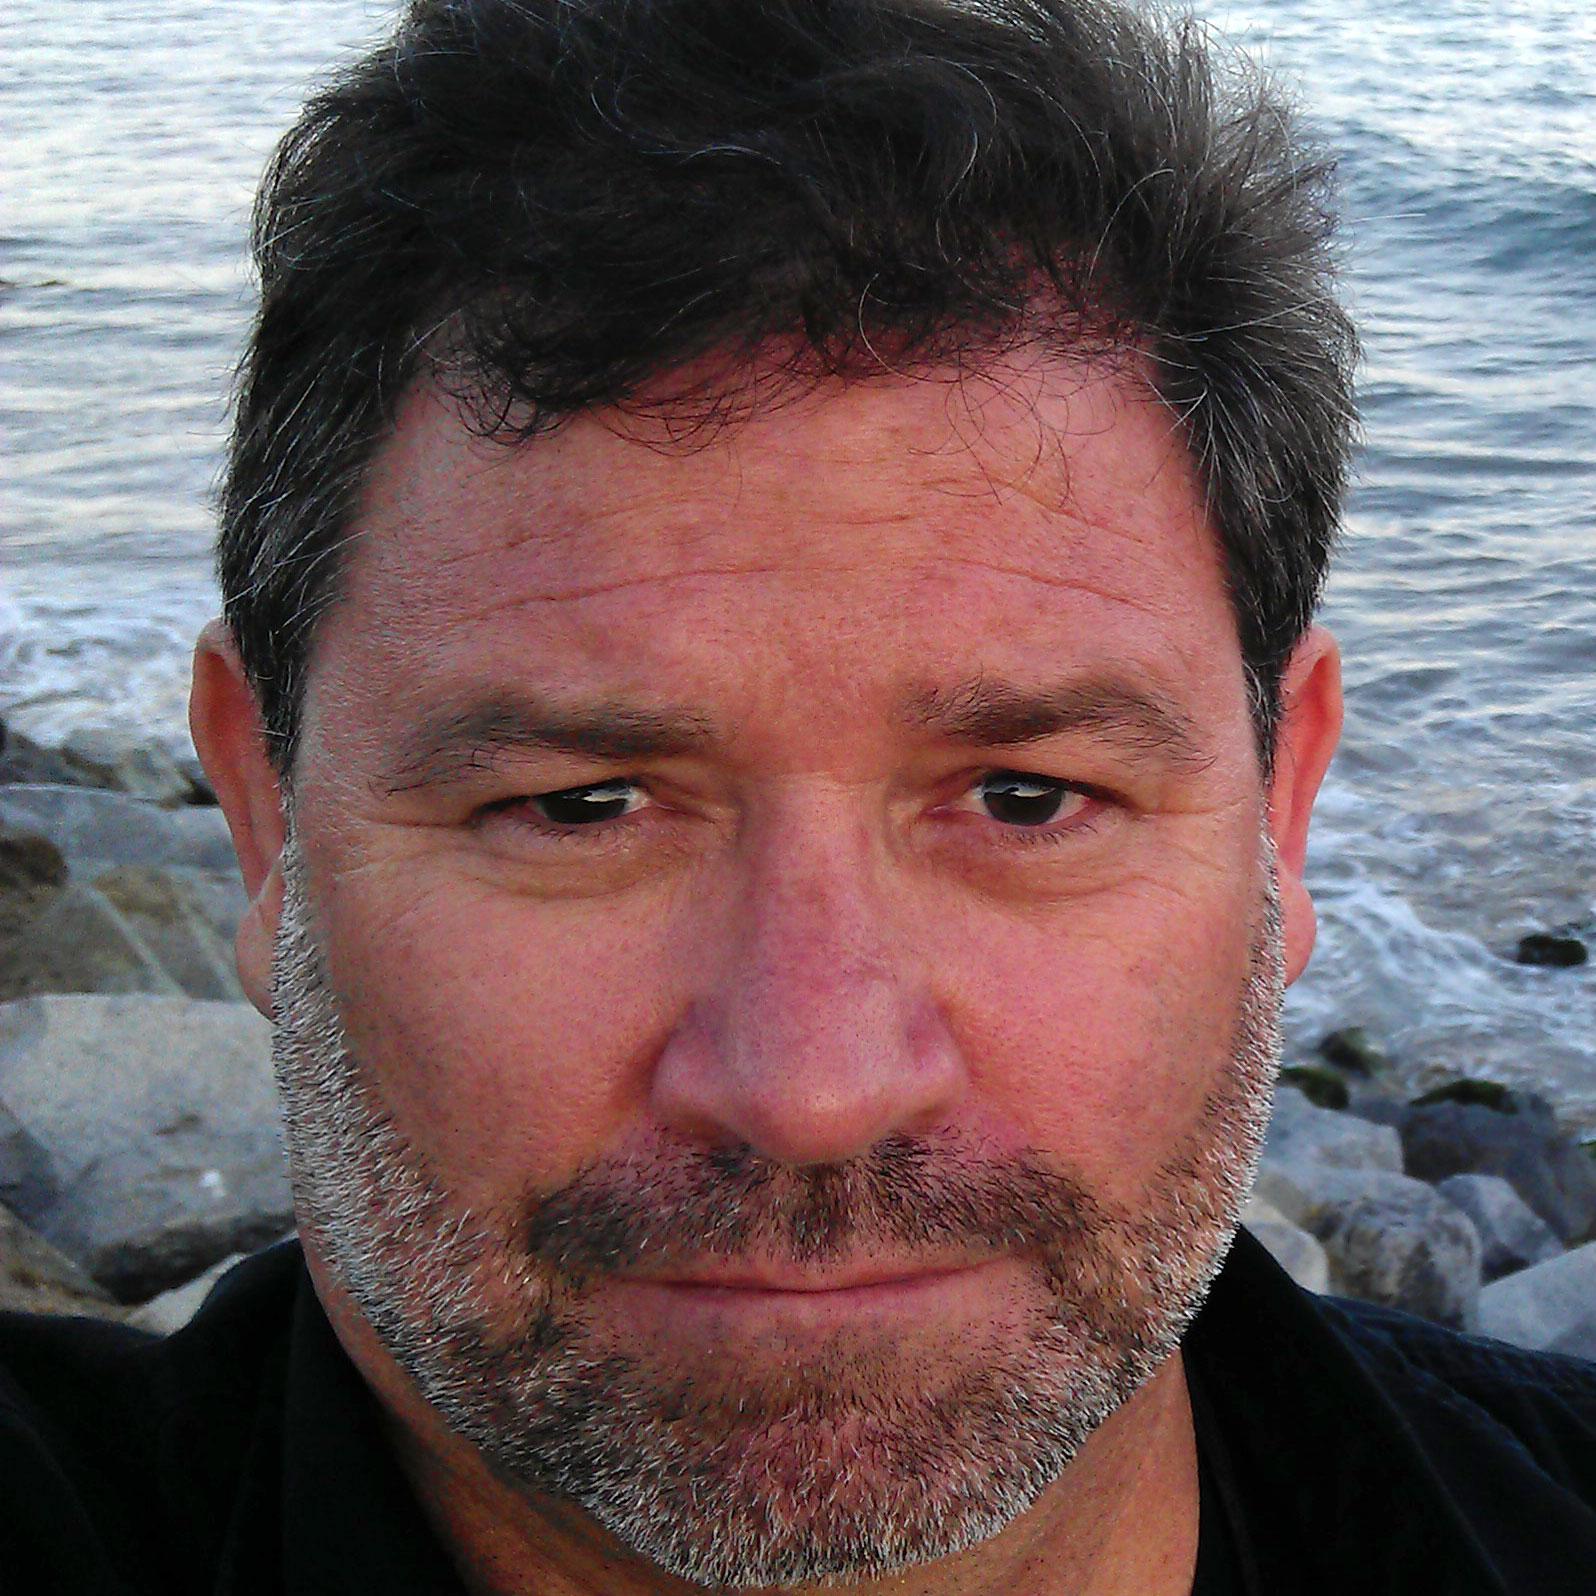 Image of John Craig Freeman from Wikidata